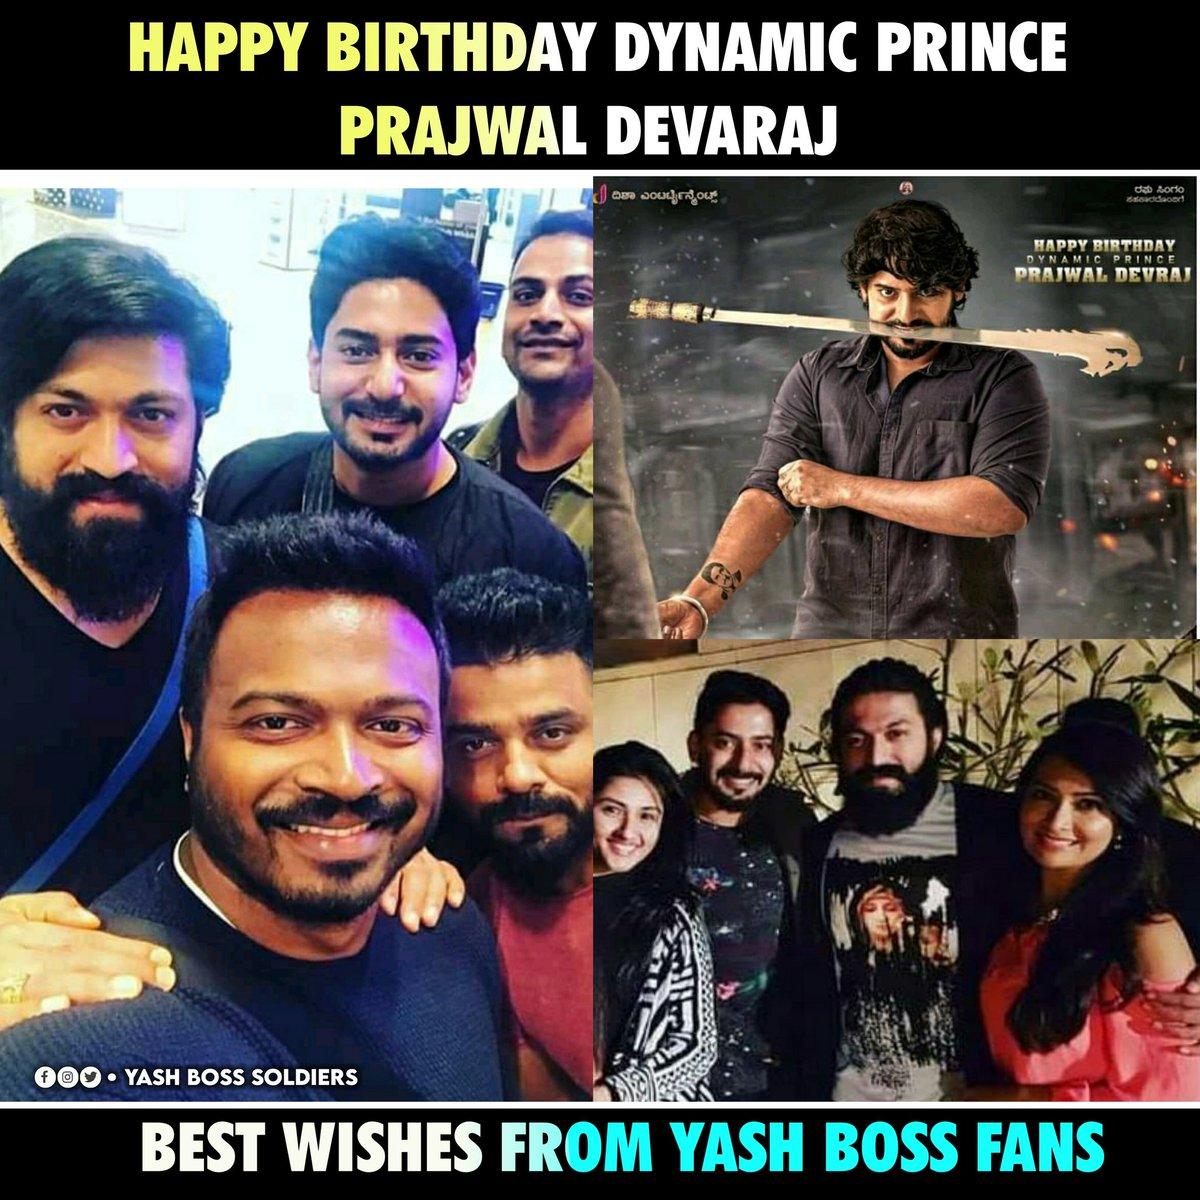 Happy Birthday @PrajwalDevaraj  Sir From #YashBoss Fans  #KgfChapter2 #yashbosssoldiers #Kgf2 #YashTheBoss #SpreadYashism #Yash #AyraYash #Ayra #RockyBhaipic.twitter.com/vIjVdDtpWi